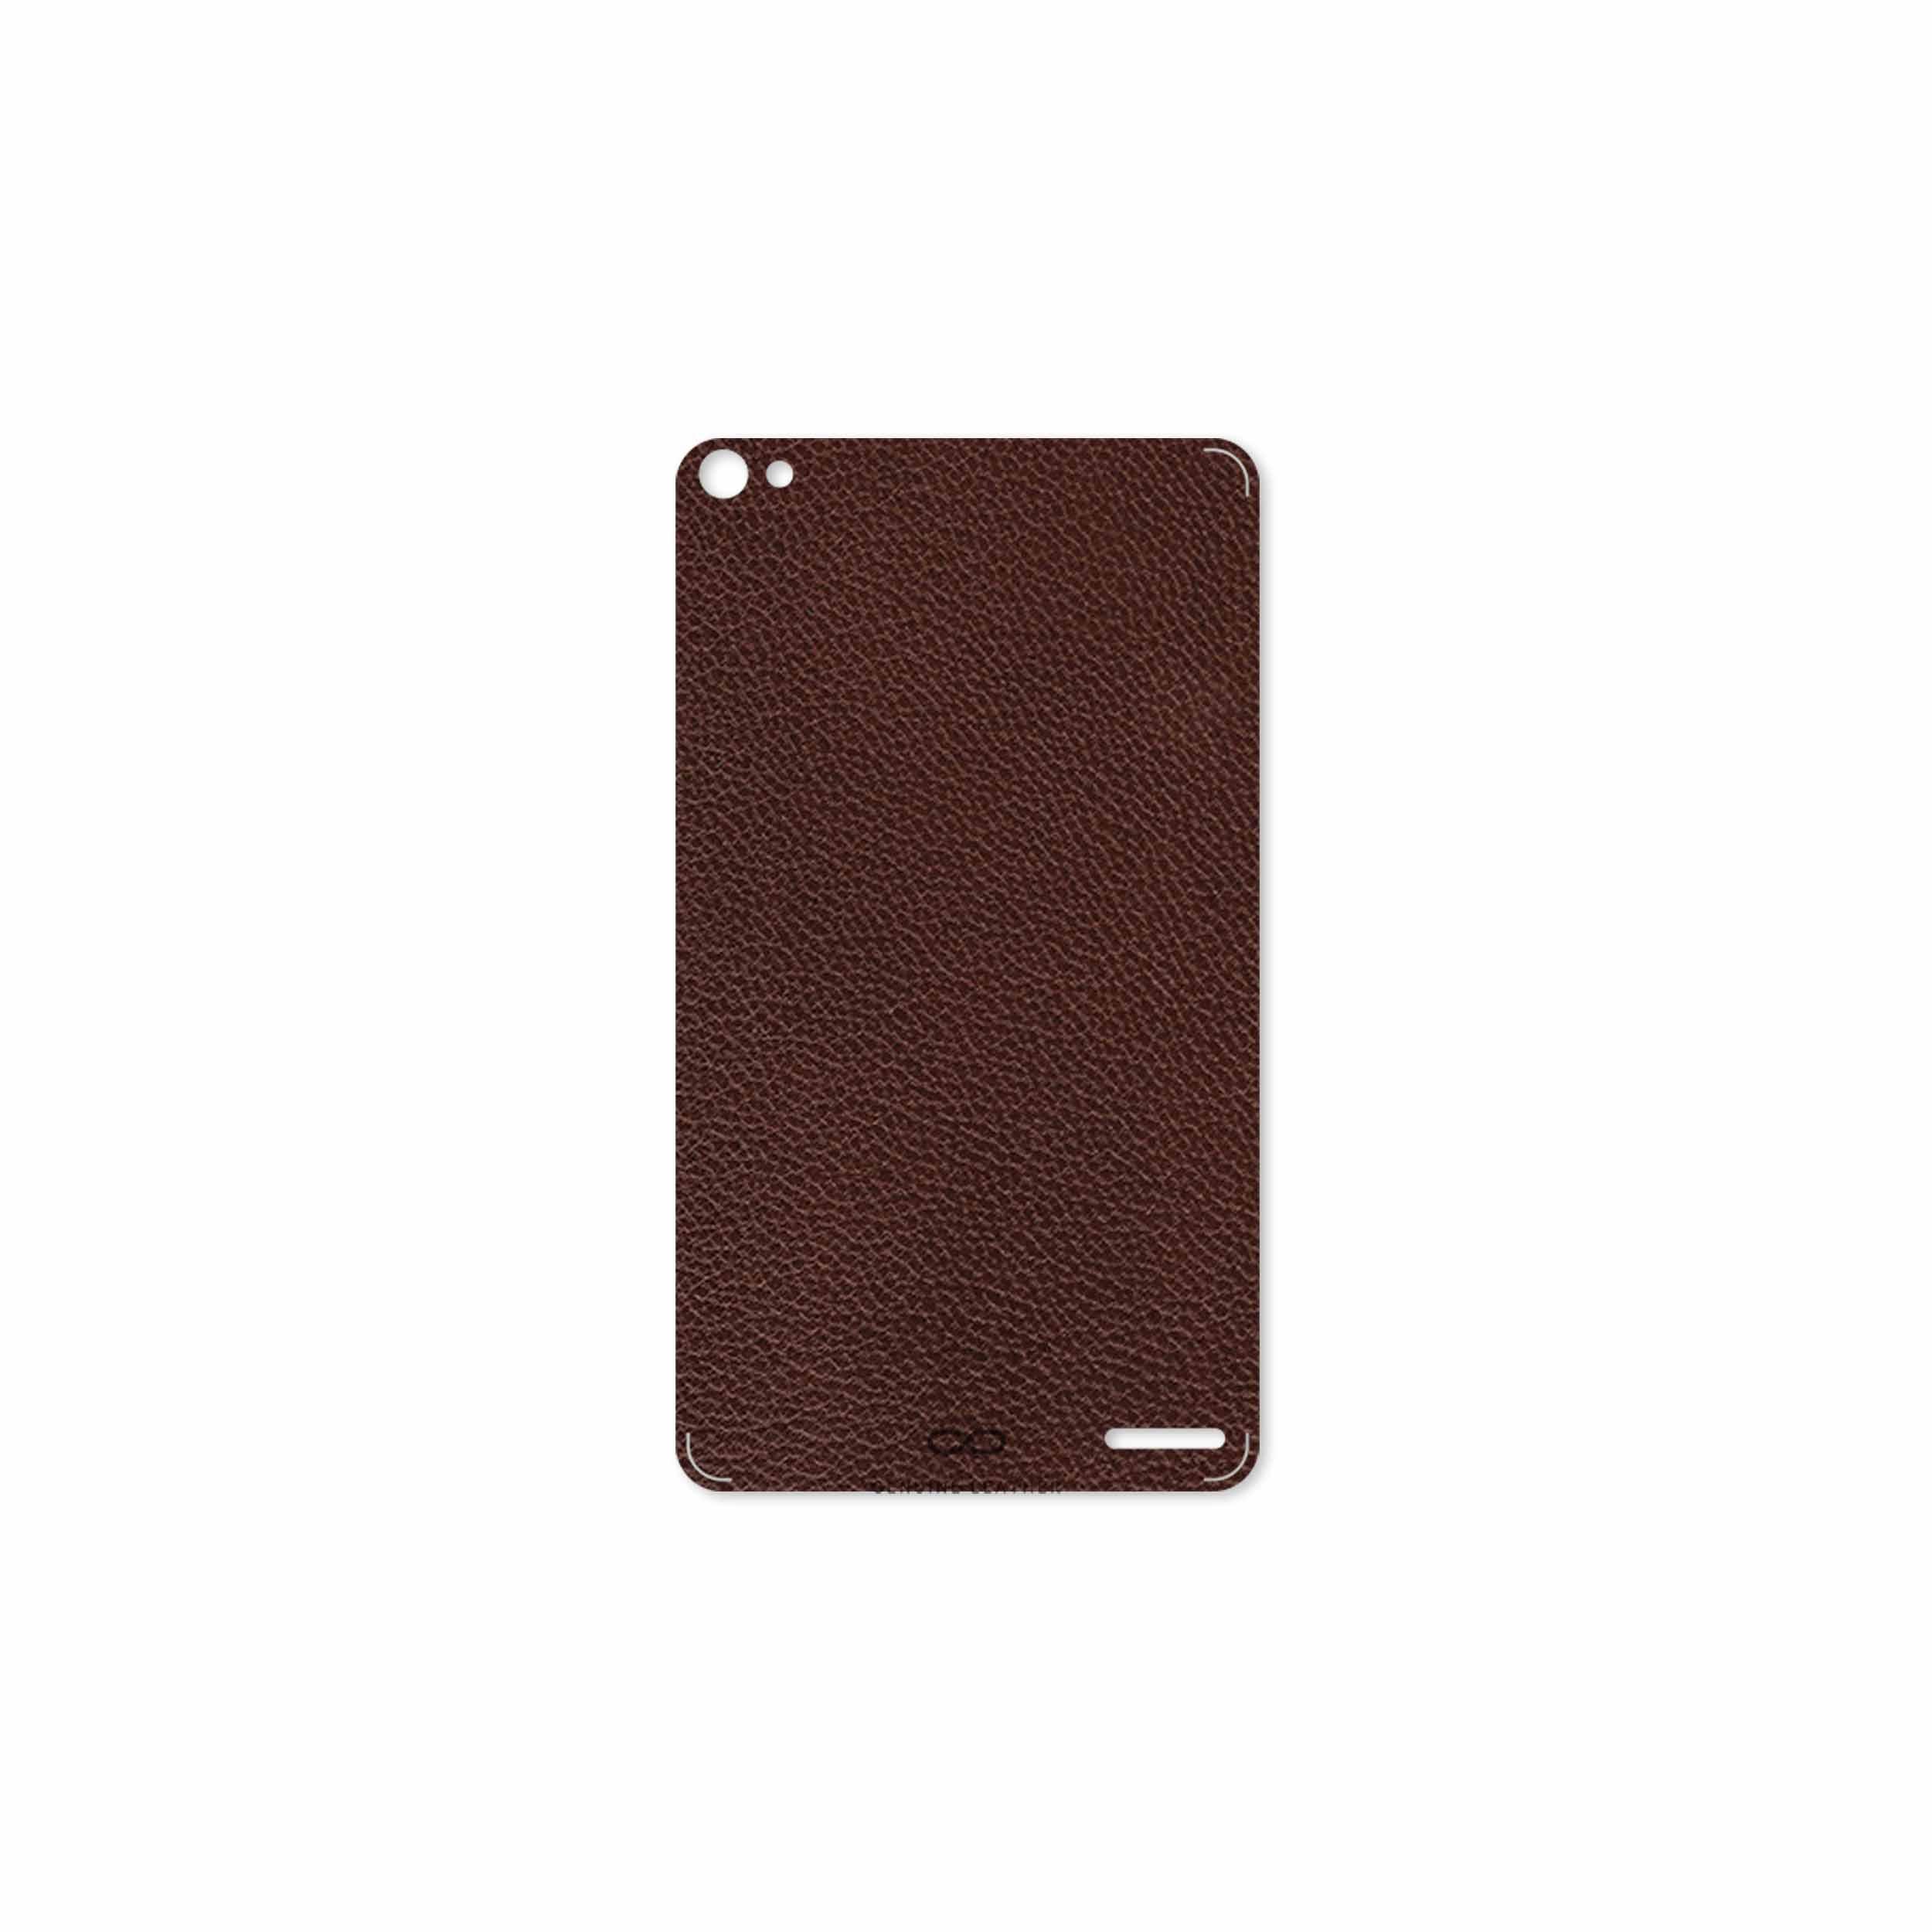 بررسی و خرید [با تخفیف]                                     برچسب پوششی ماهوت مدل Natural-Leather مناسب برای تبلت هوآوی Mediapad X2 2015                             اورجینال